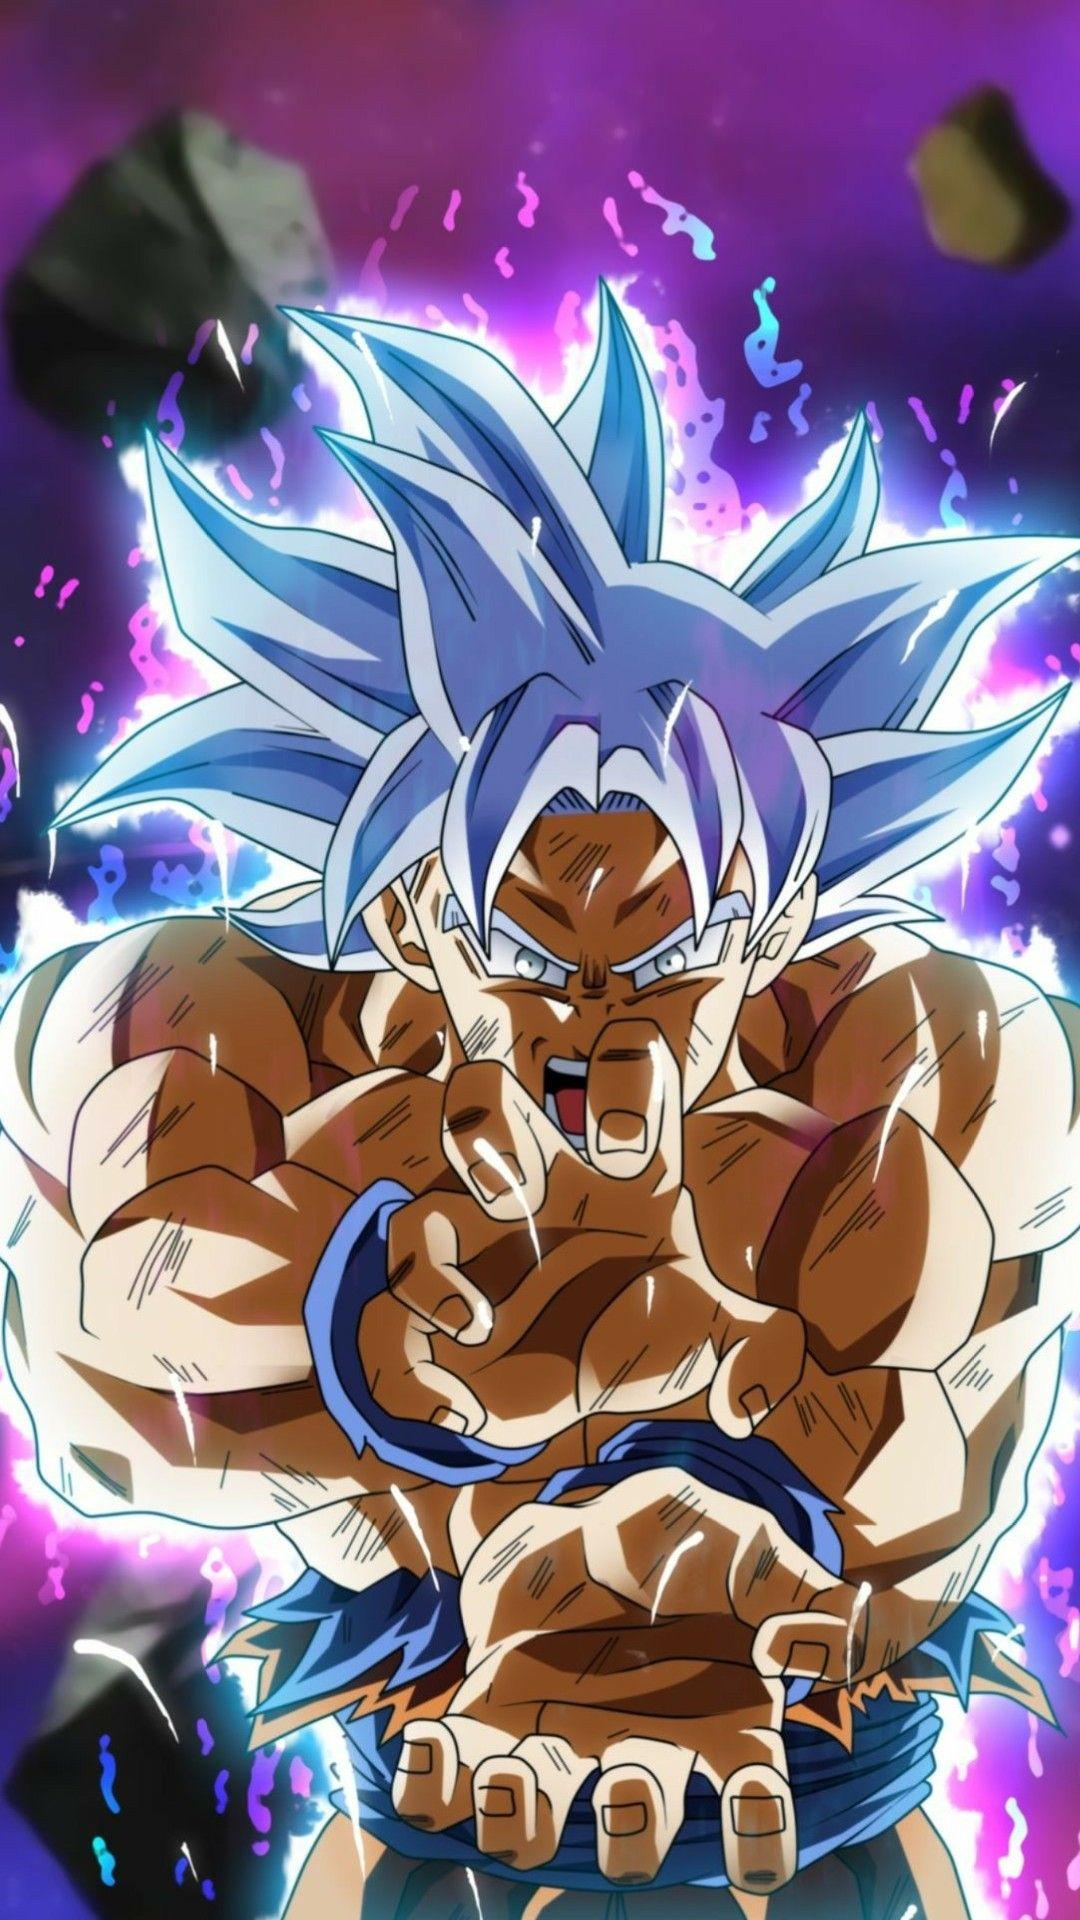 Gokú migatte no gokui dominado | Anime dragon ball super, Dragon ball  wallpapers, Dragon ball goku